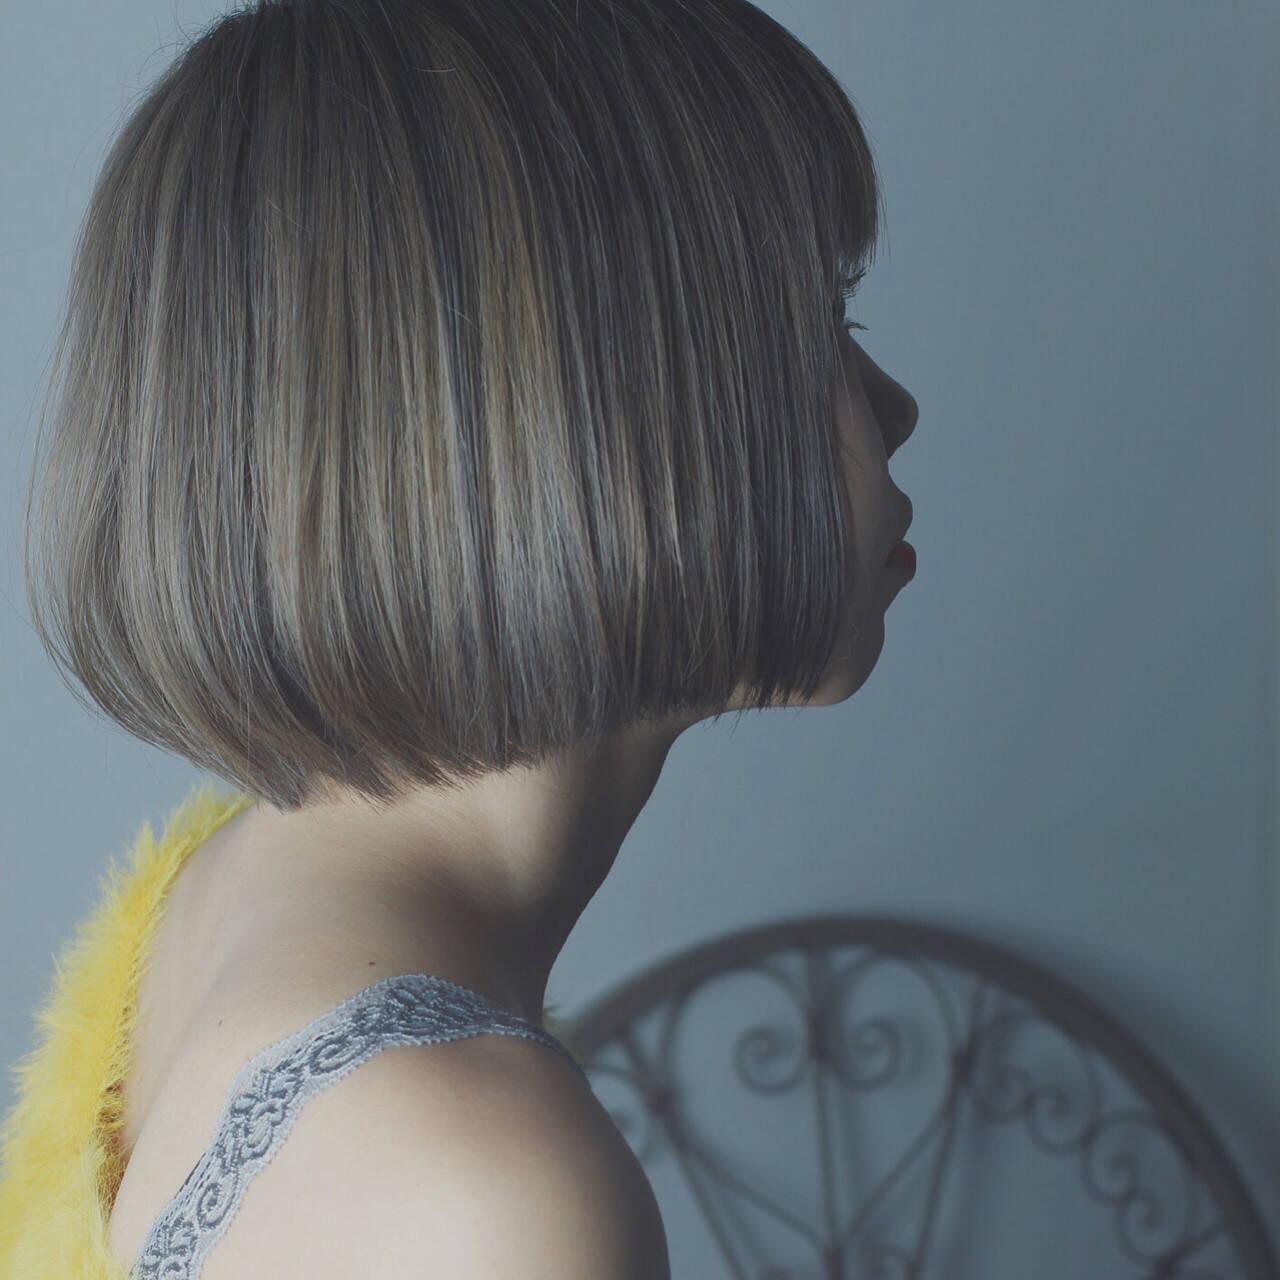 大人女子 ニュアンス ガーリー ボブヘアスタイルや髪型の写真・画像